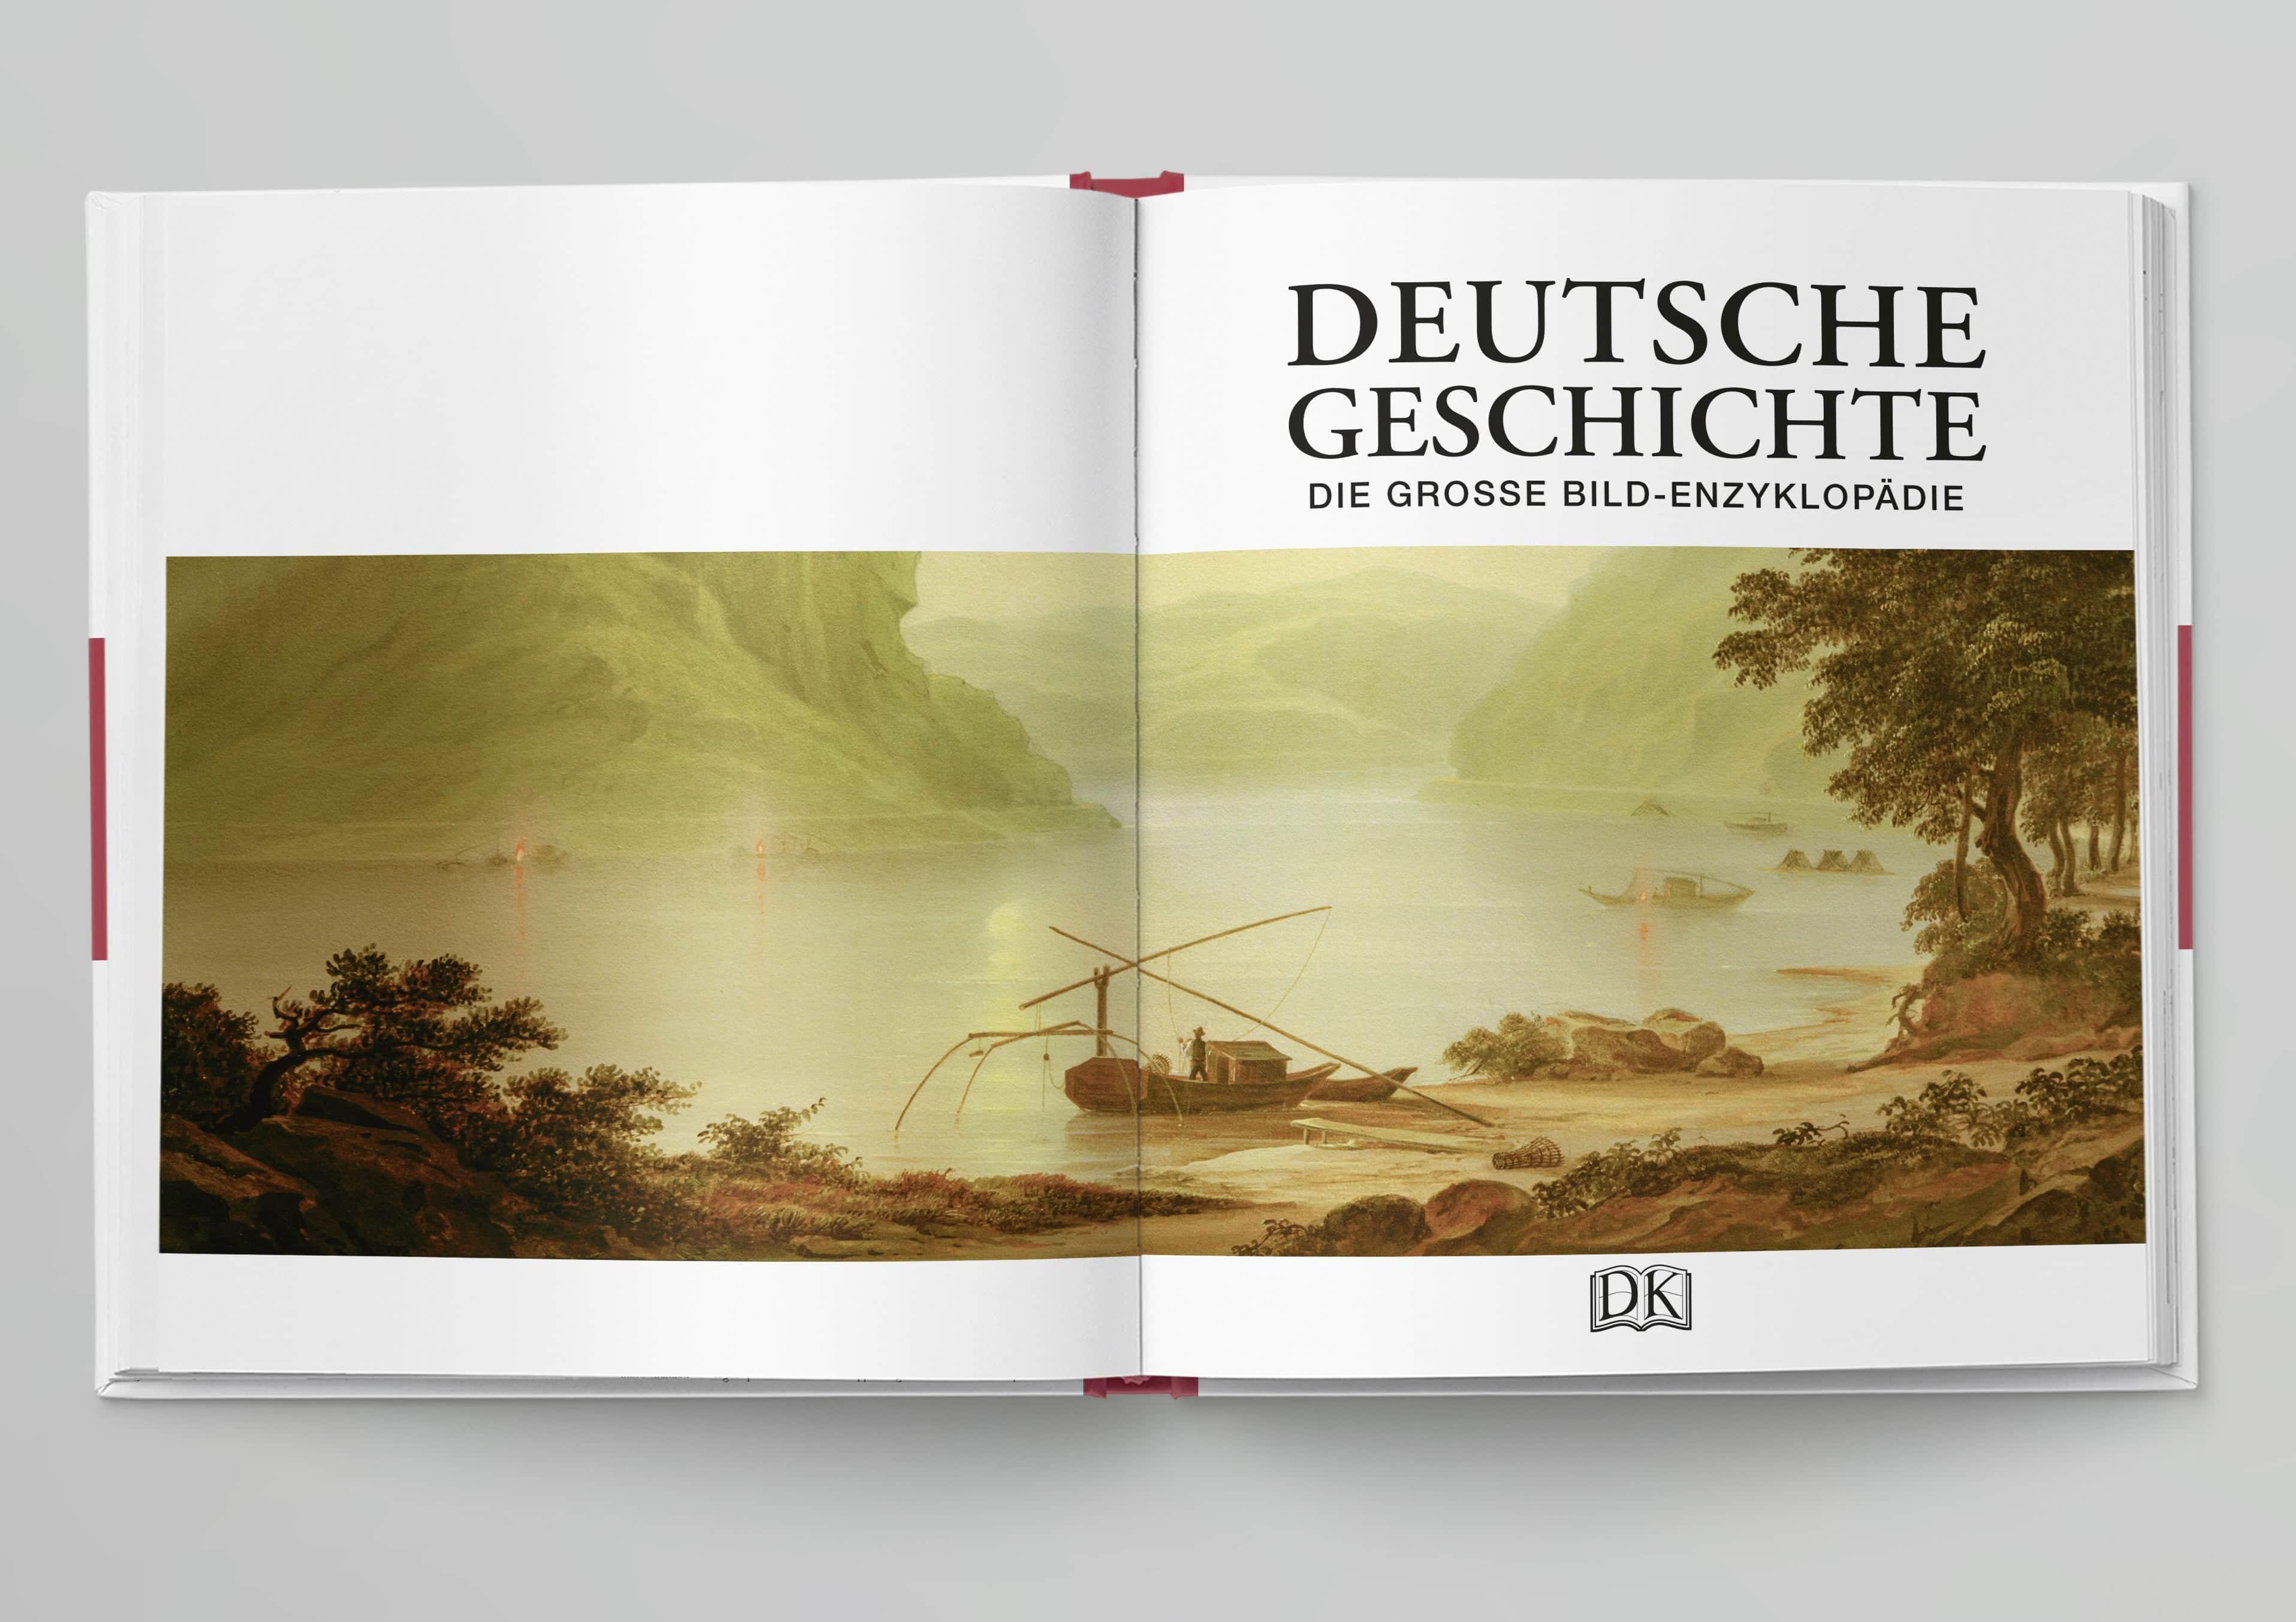 DK-DeutscheGeschichte-IN01